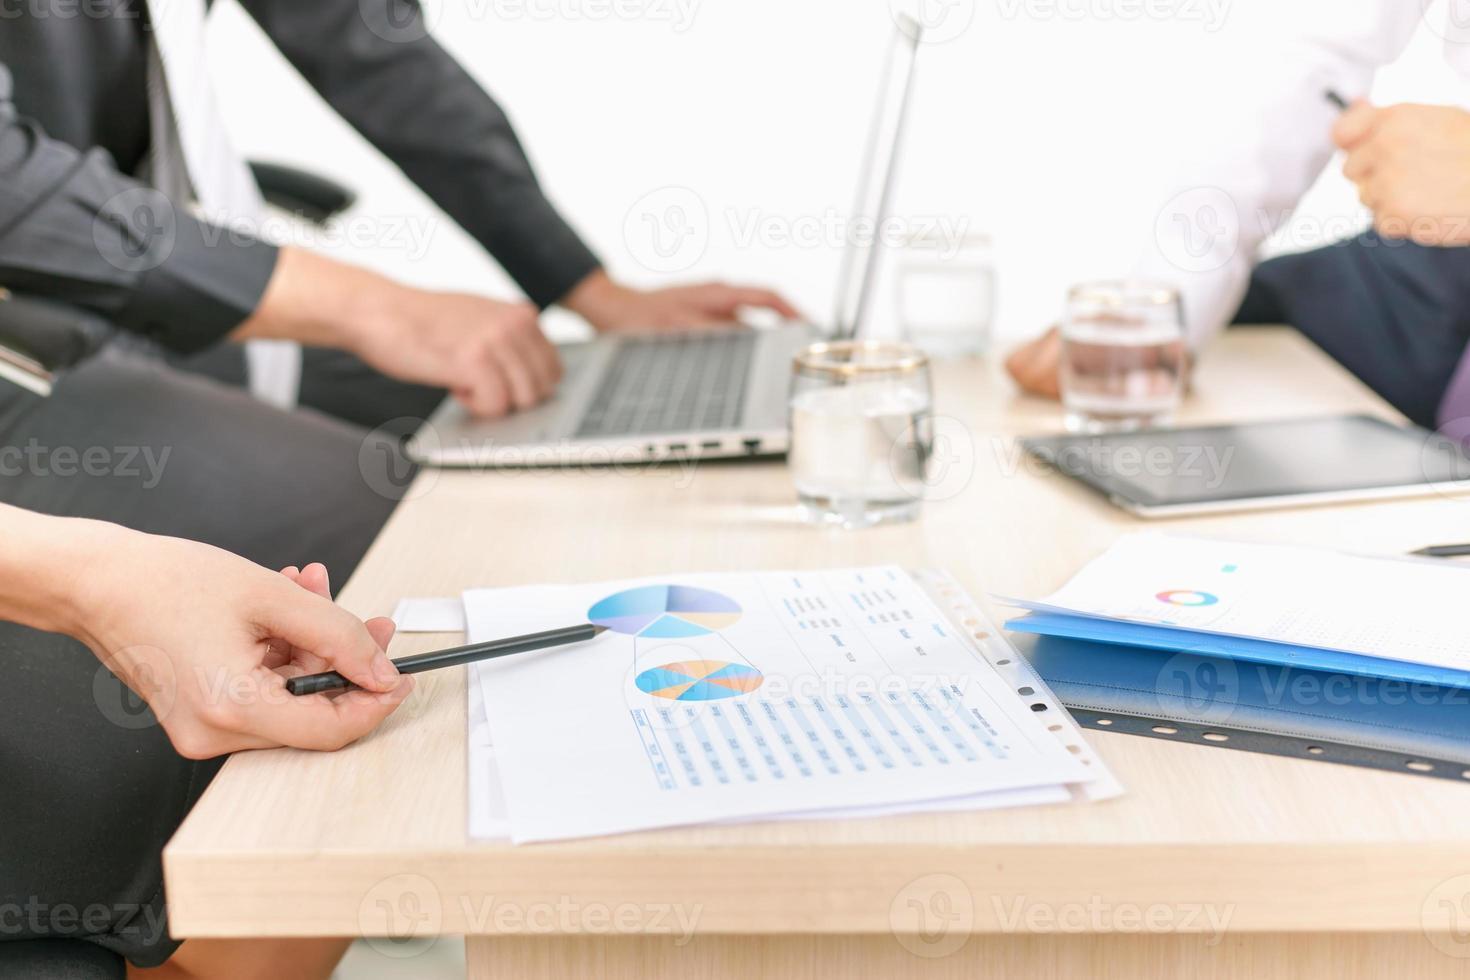 Nahaufnahme Grafik und Diagramme auf Tabelle während des Geschäftstreffens foto